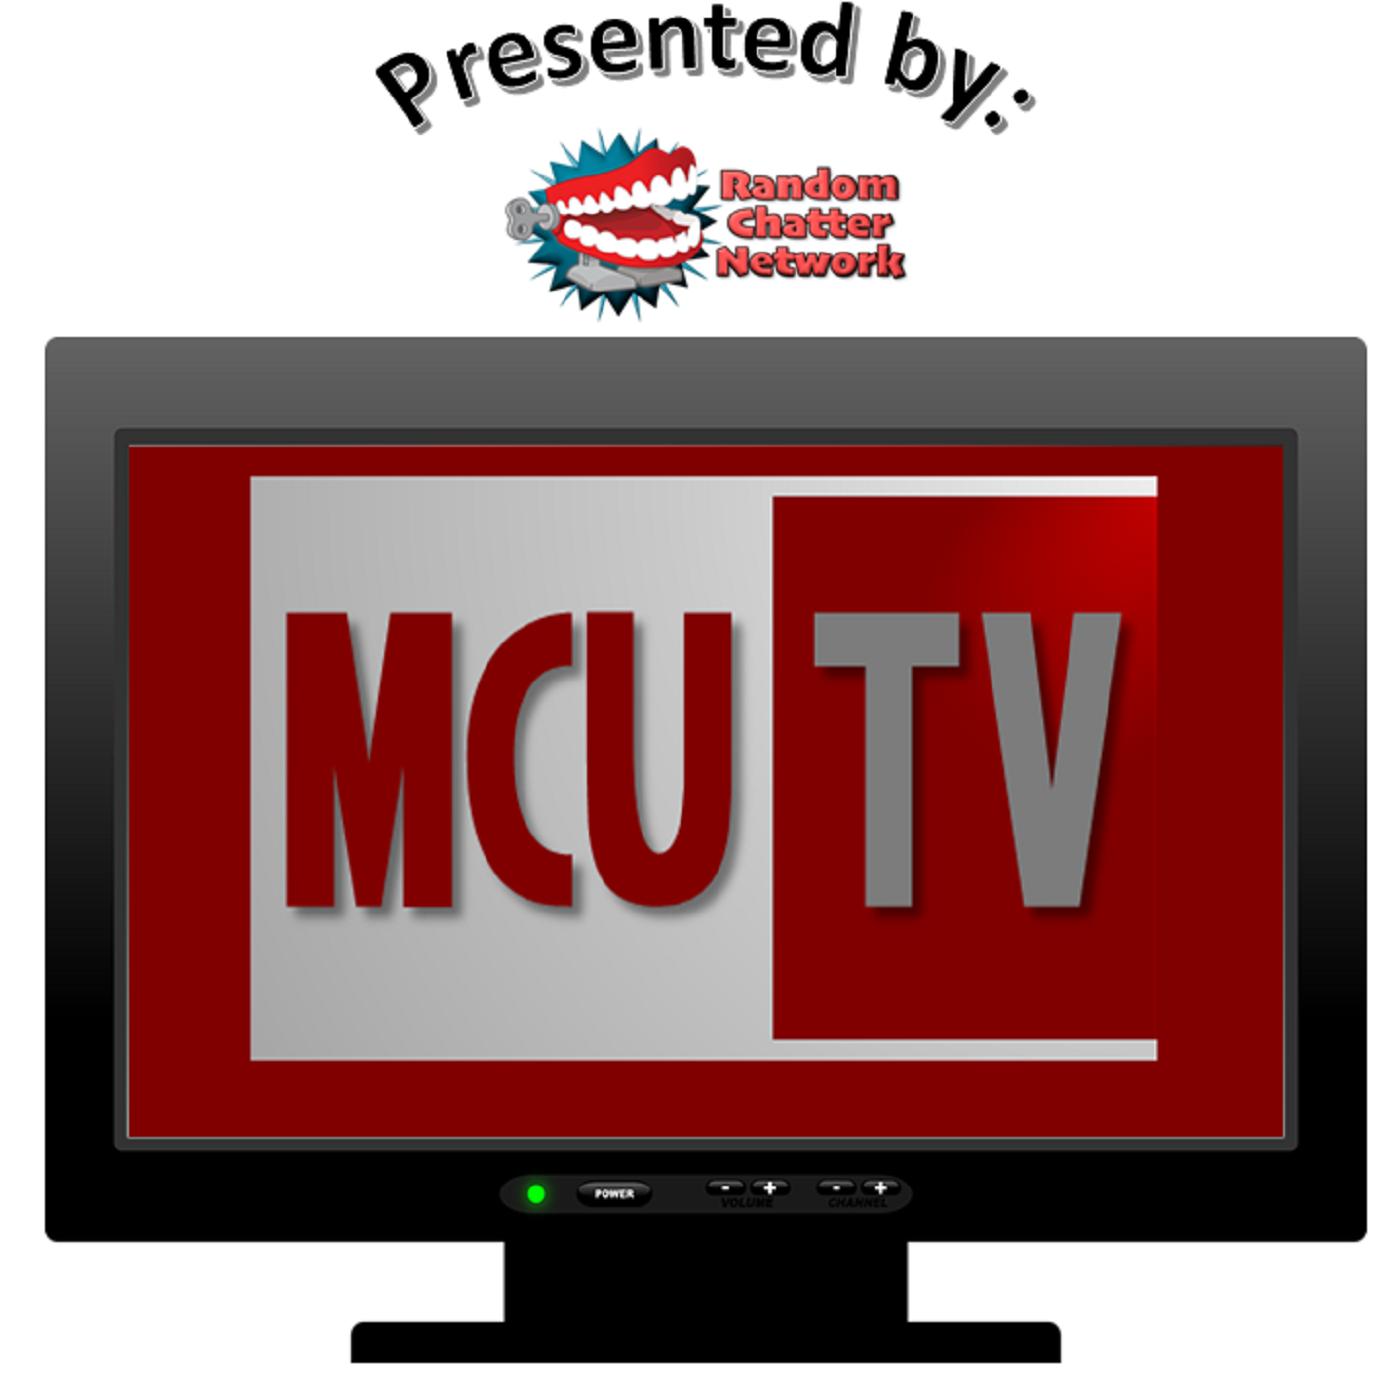 MCU TV